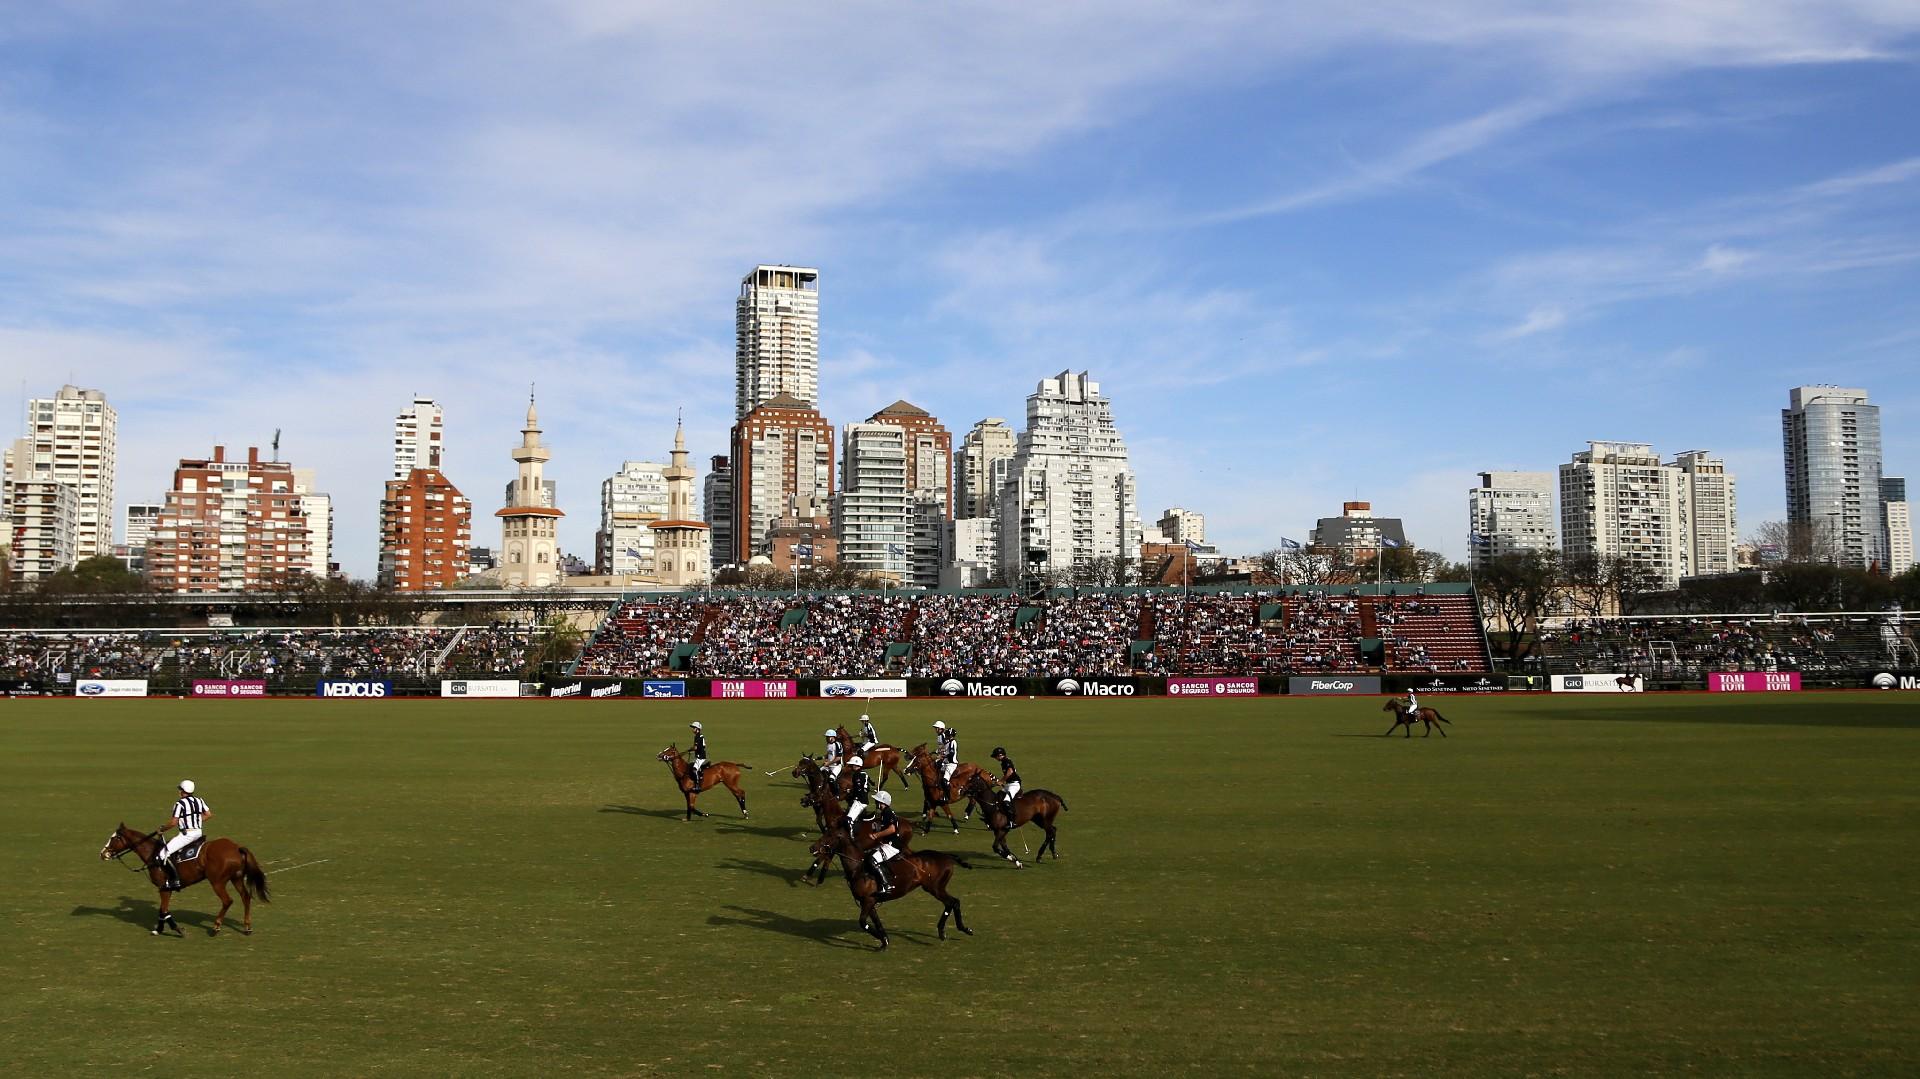 La emocionante final entre La Dolfina y Ellerstina en Palermo